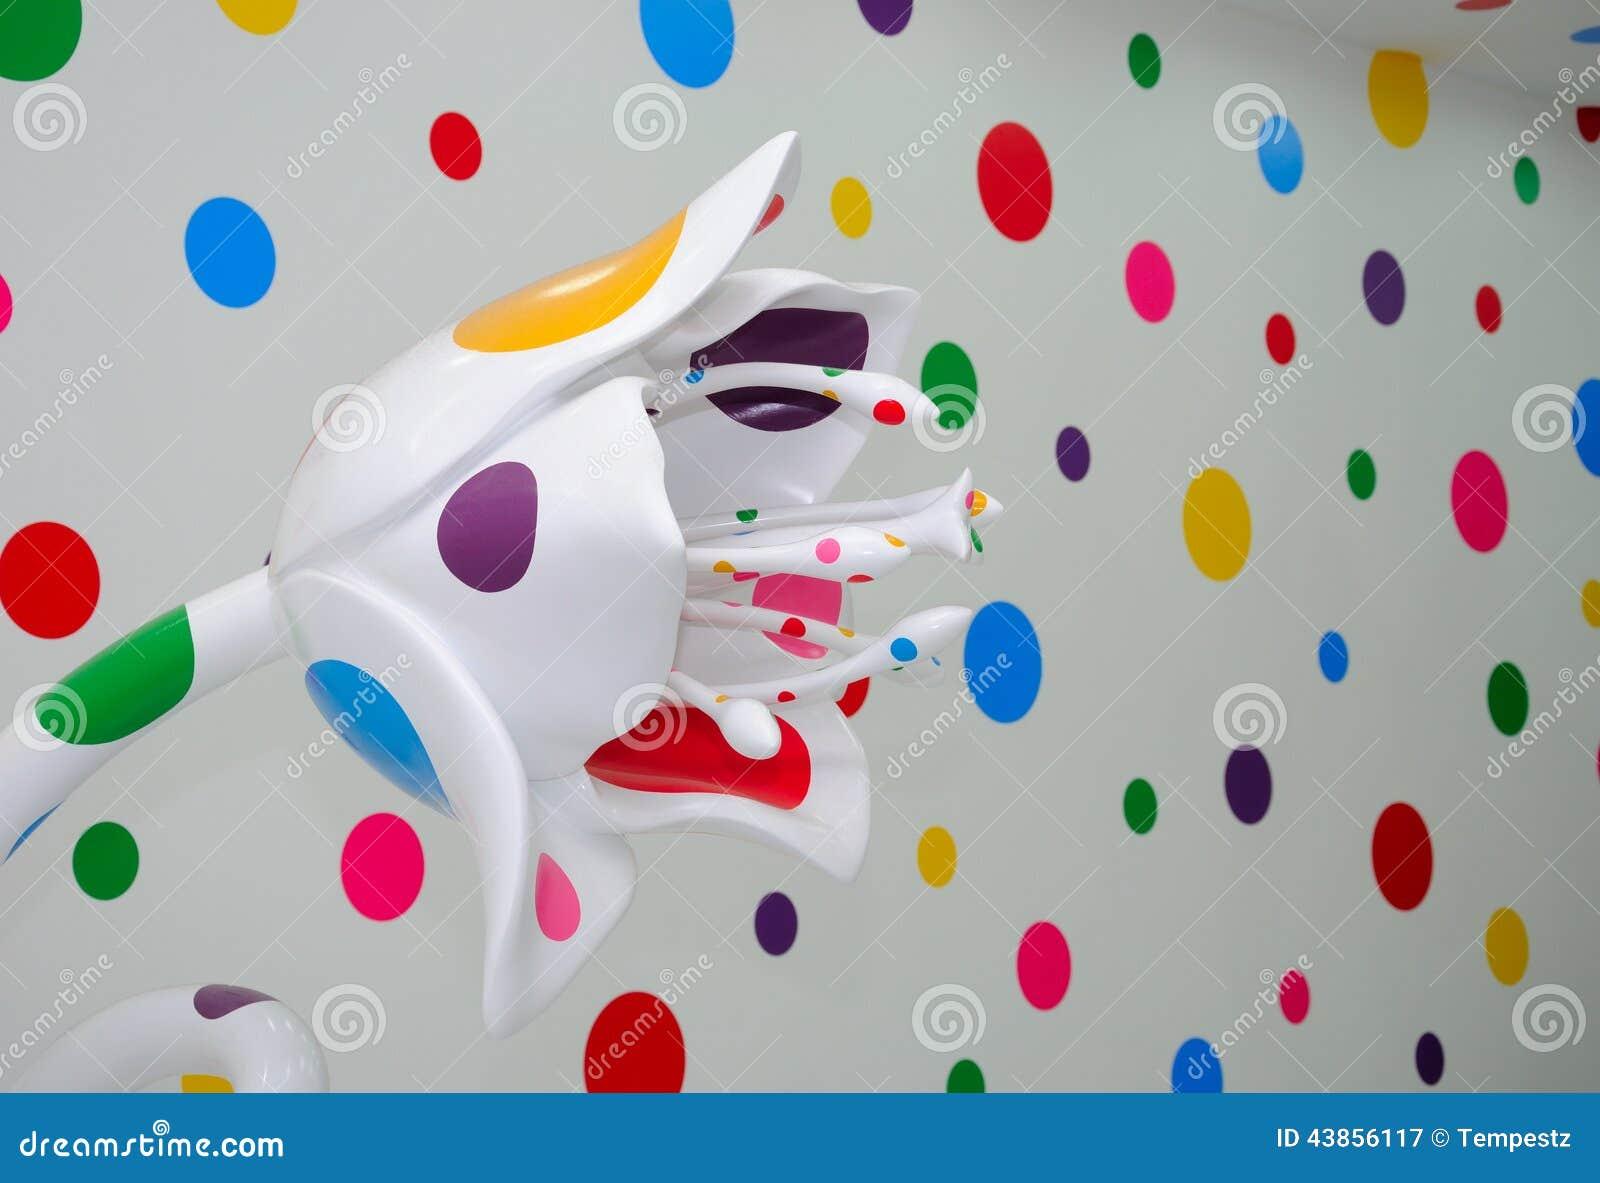 Objet Expos D 39 Art Contemporain Photographie Ditorial Image 43856117